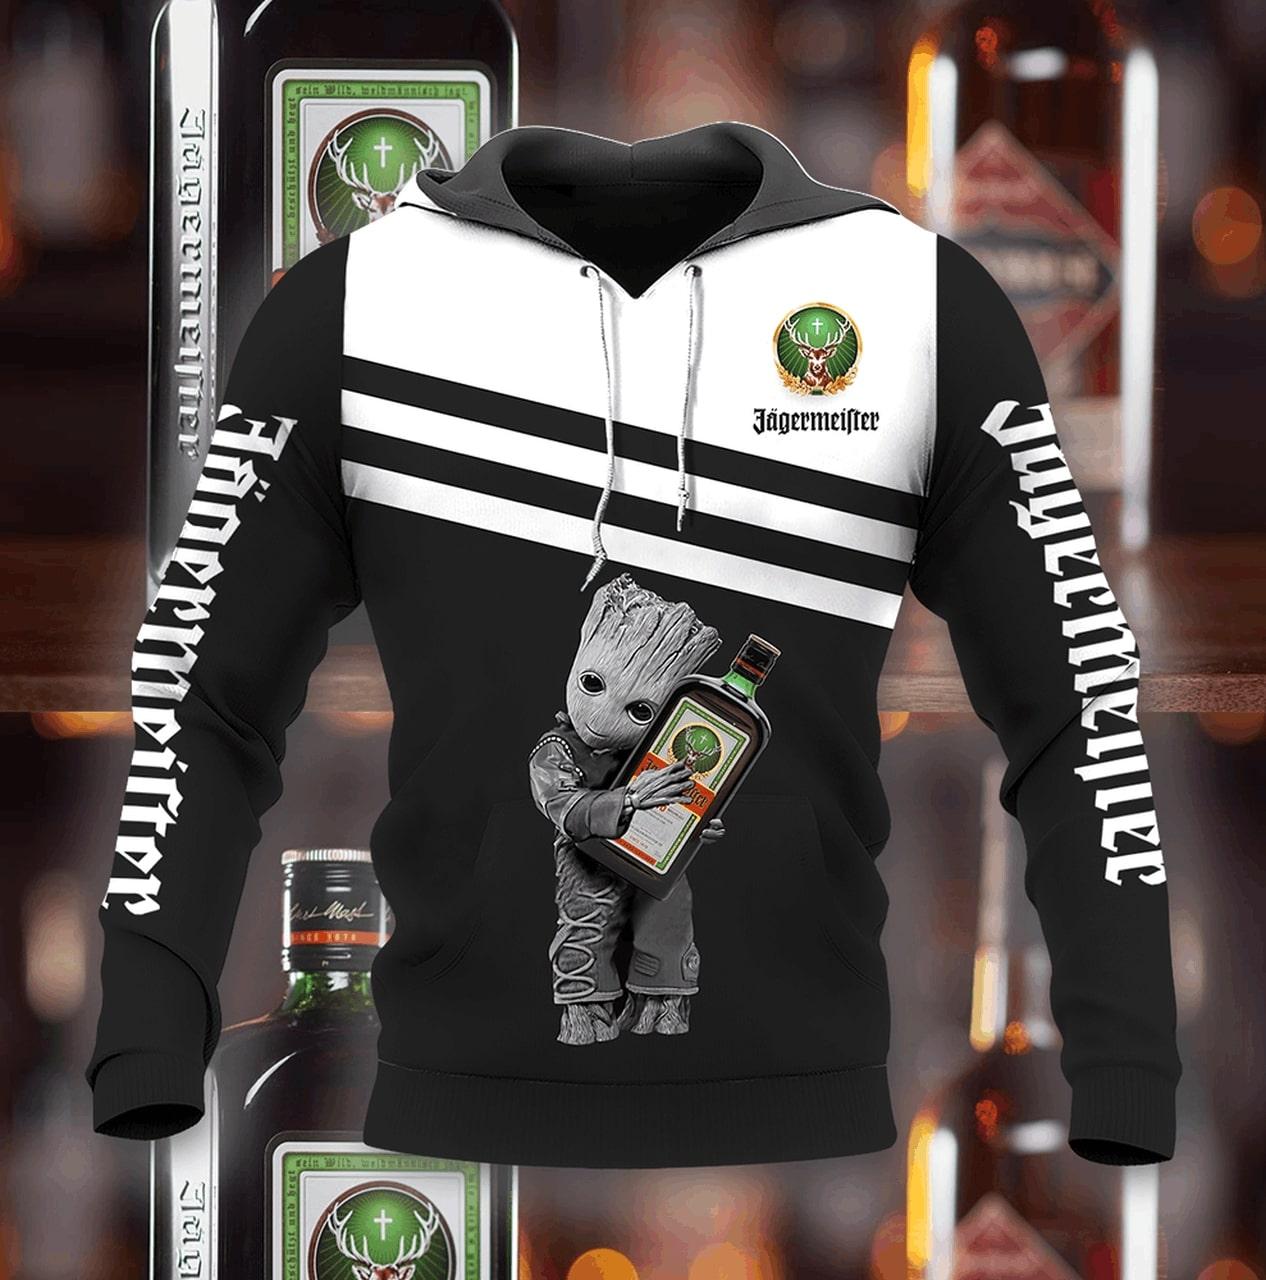 Groot hold jagermeister full printing hoodie